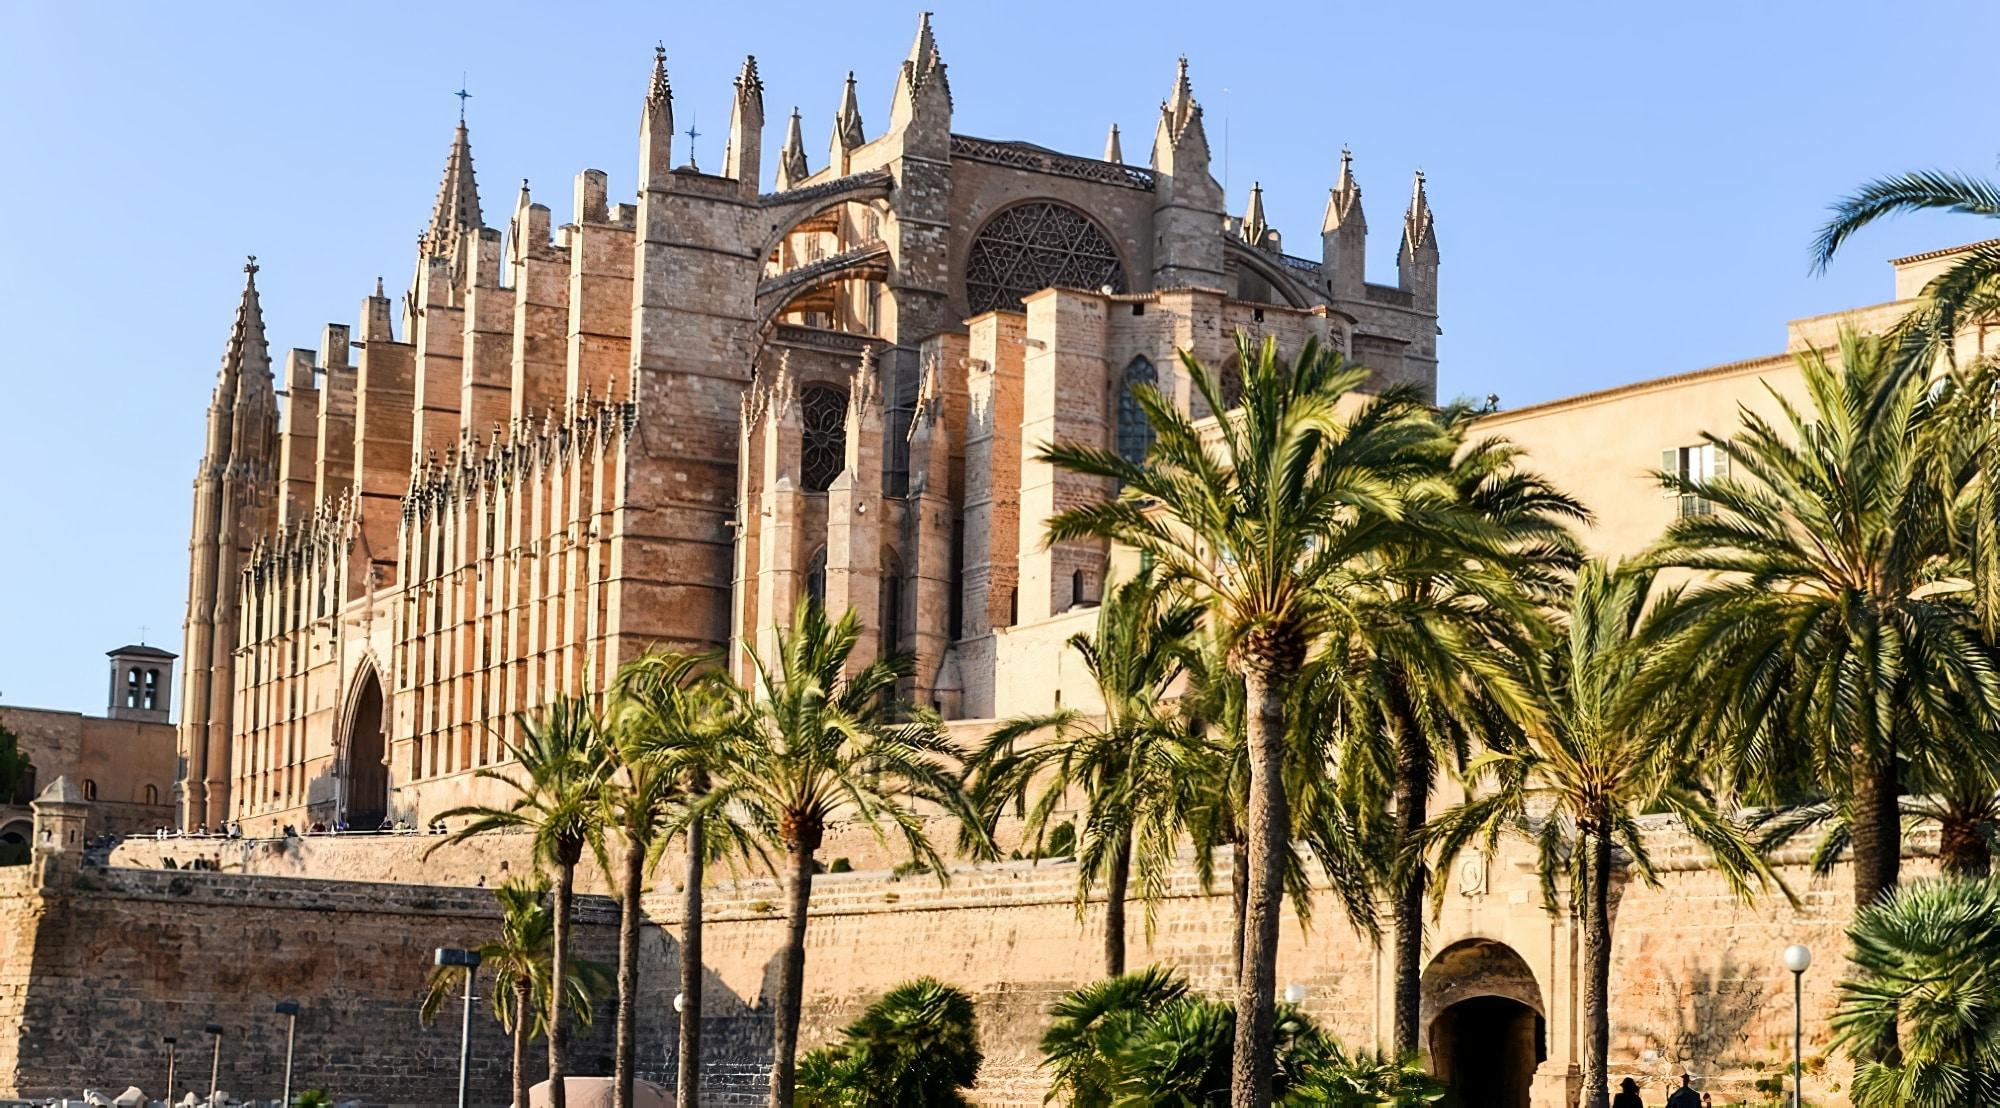 Arrivée à Palma de Majorque depuis l'aéroport, carte